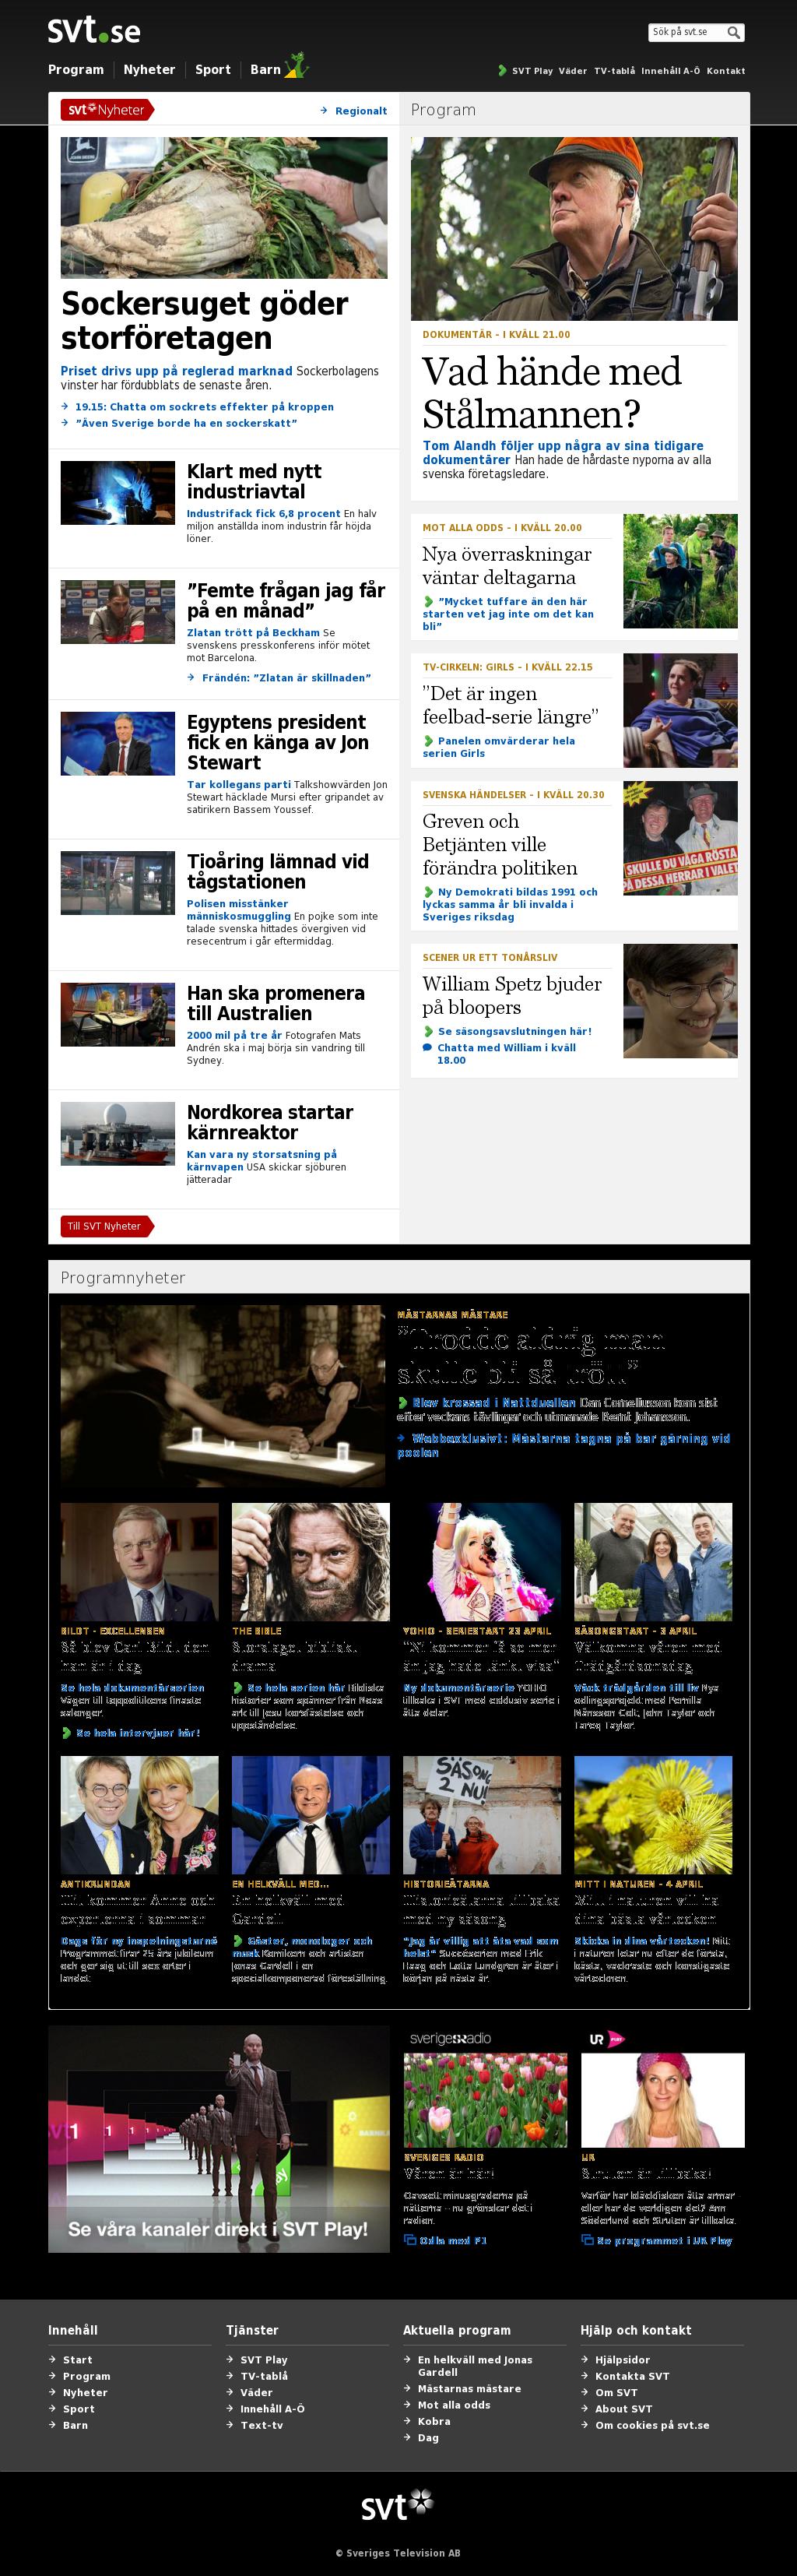 SVT at Tuesday April 2, 2013, 12:24 p.m. UTC